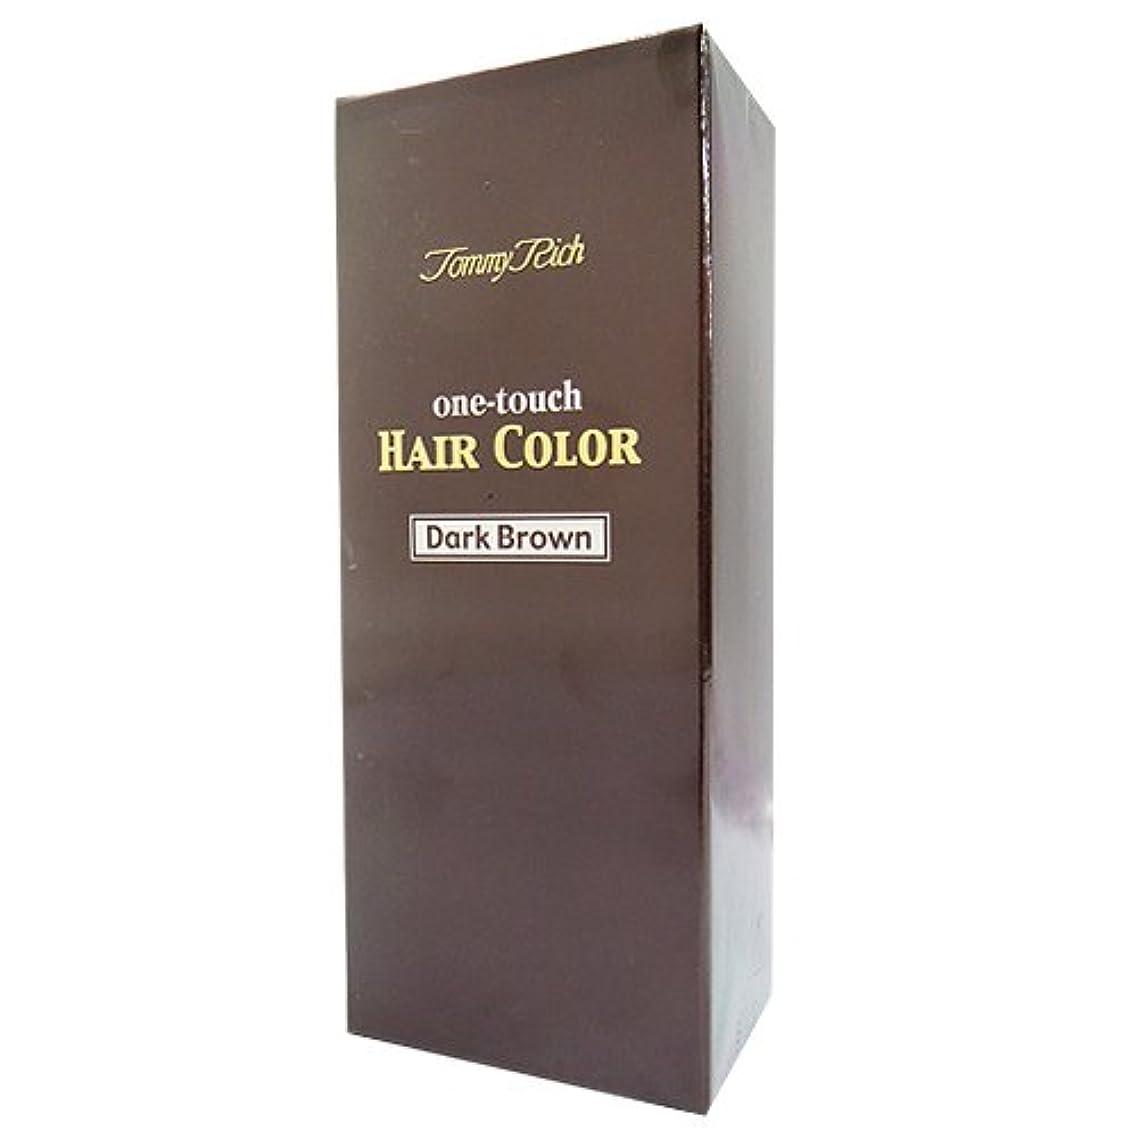 入浴リビングルーム水を飲むトミーリッチ ワンタッチヘアカラー(白髪染め) DBR?ダークブラウン